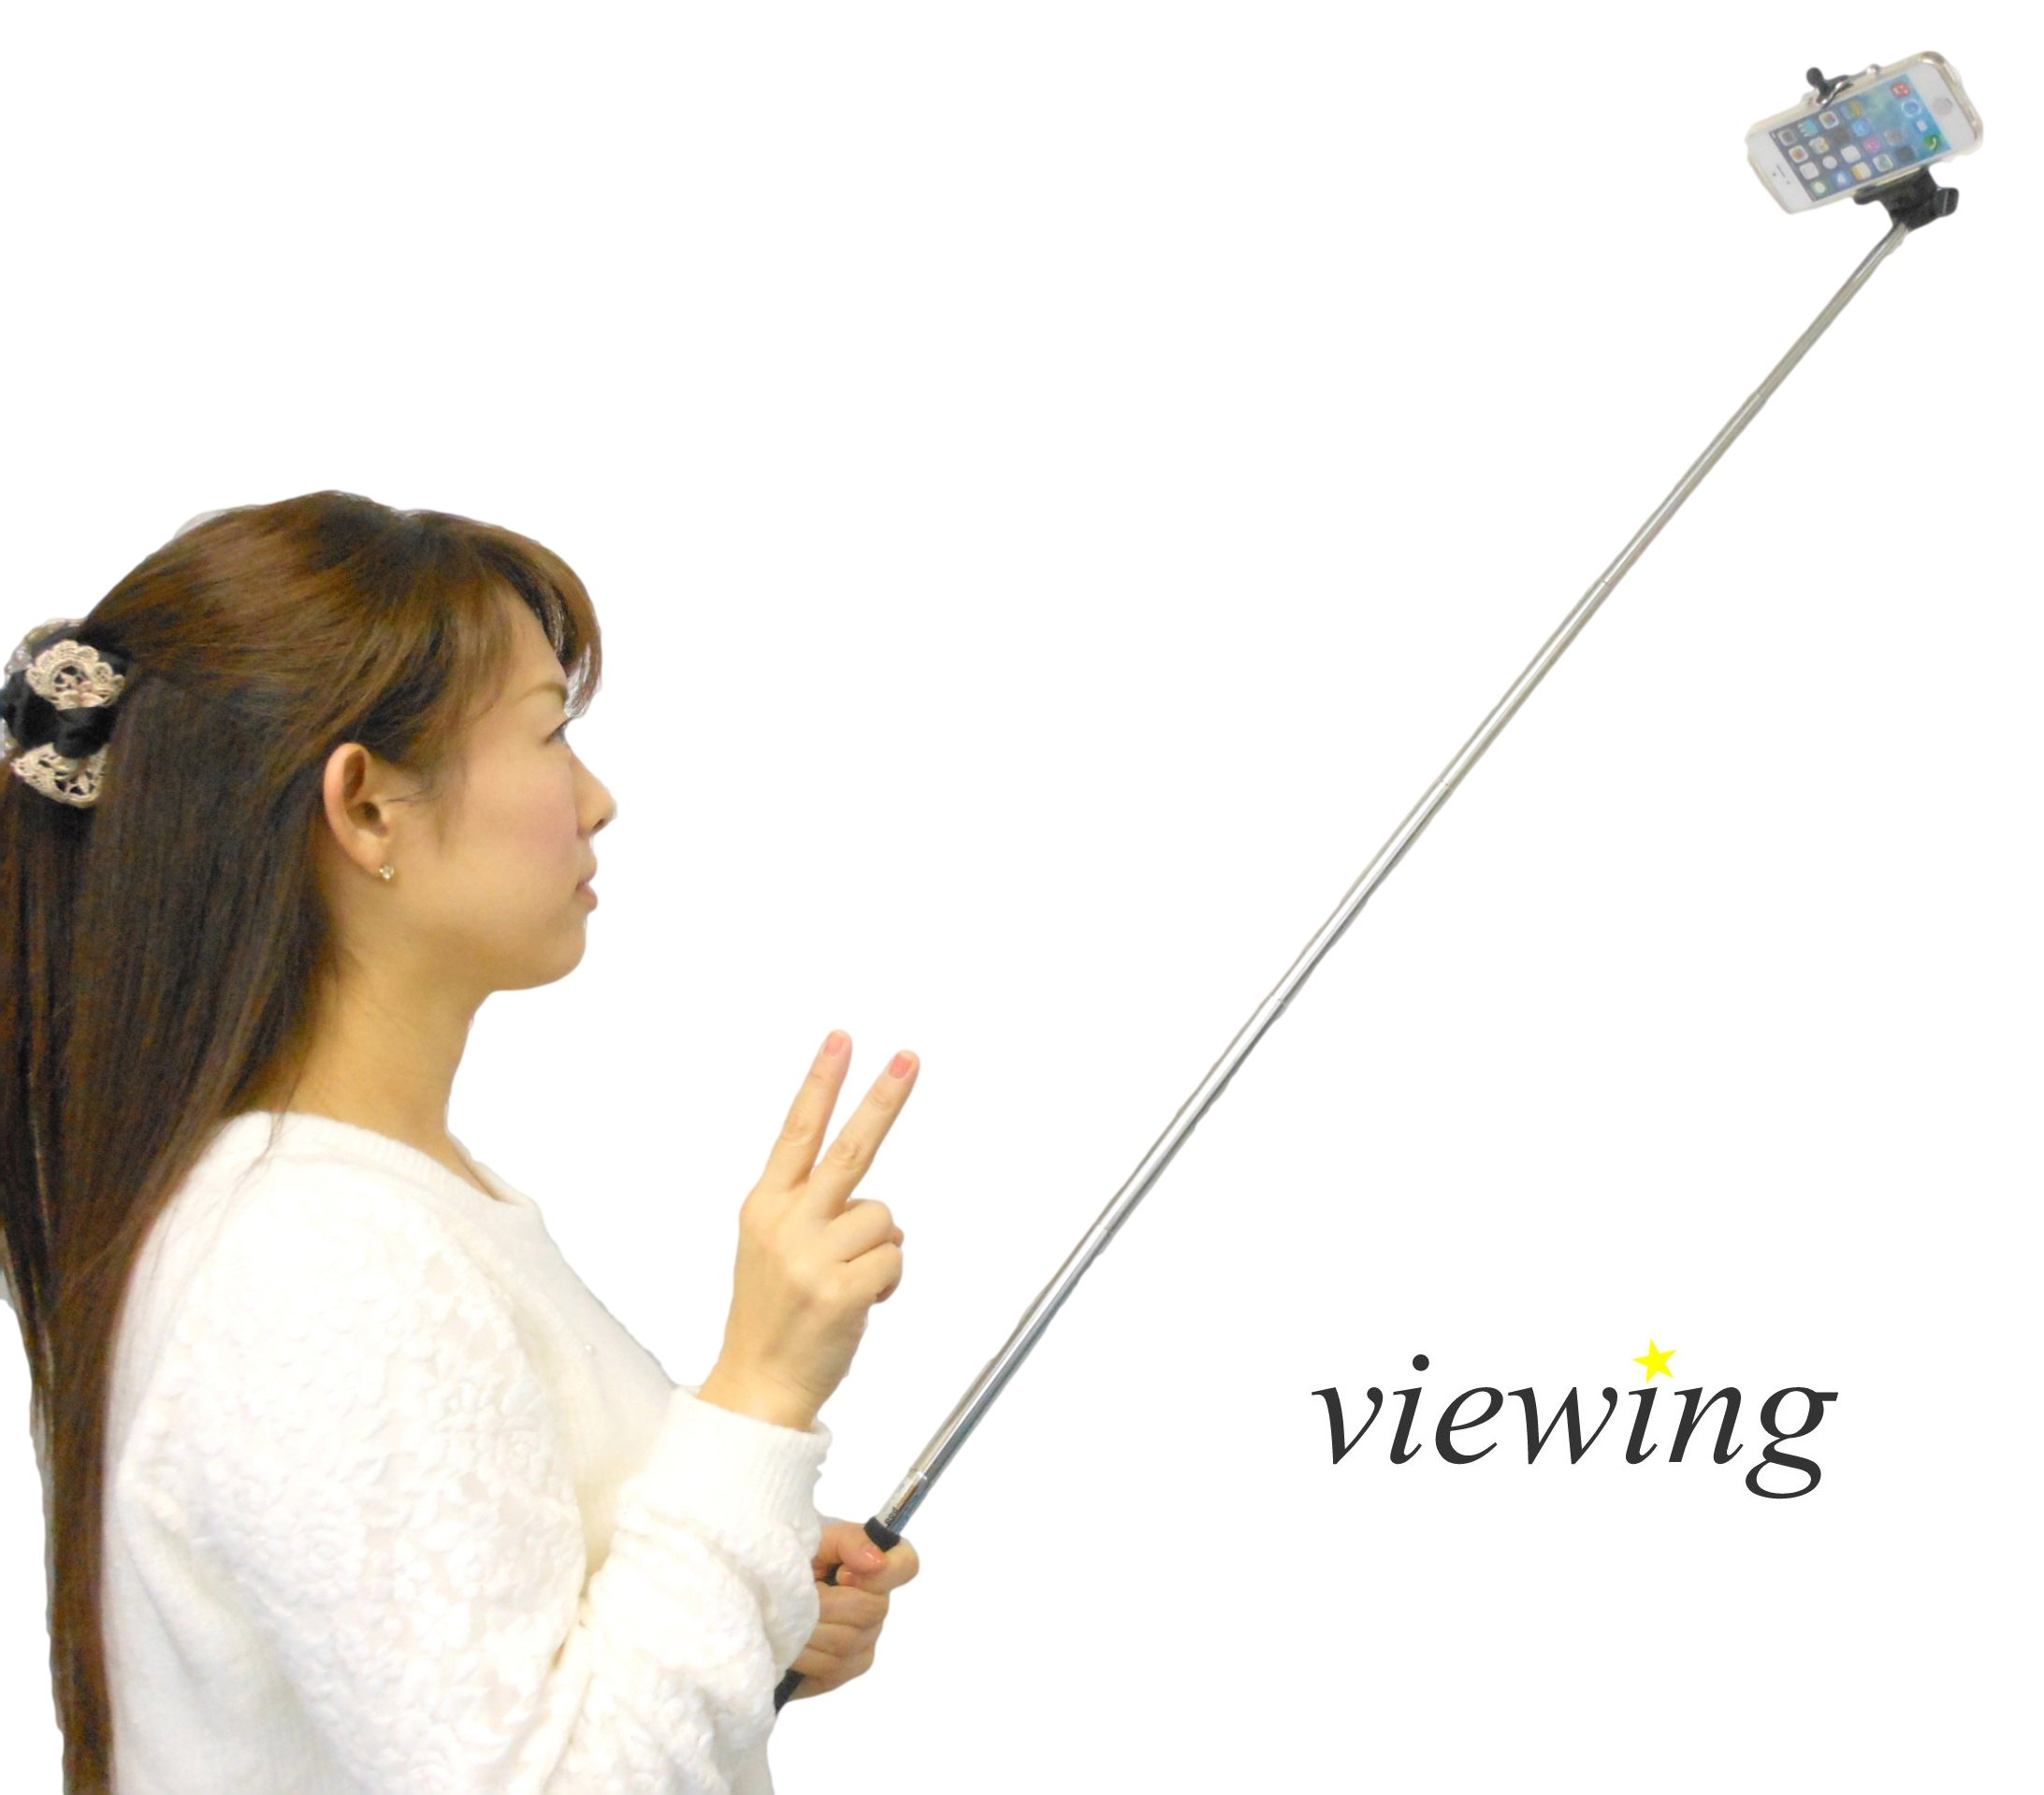 viewing(ヴューイング) スマホ & デジカメ & ハンディカム 自撮り キット セット 伸縮自在 (自分撮り一脚 + スマートフォンホルダーセット ホワイトシリコンワッシャー付き (iPhone全機種~GalaxyNoteサイズまで対応)